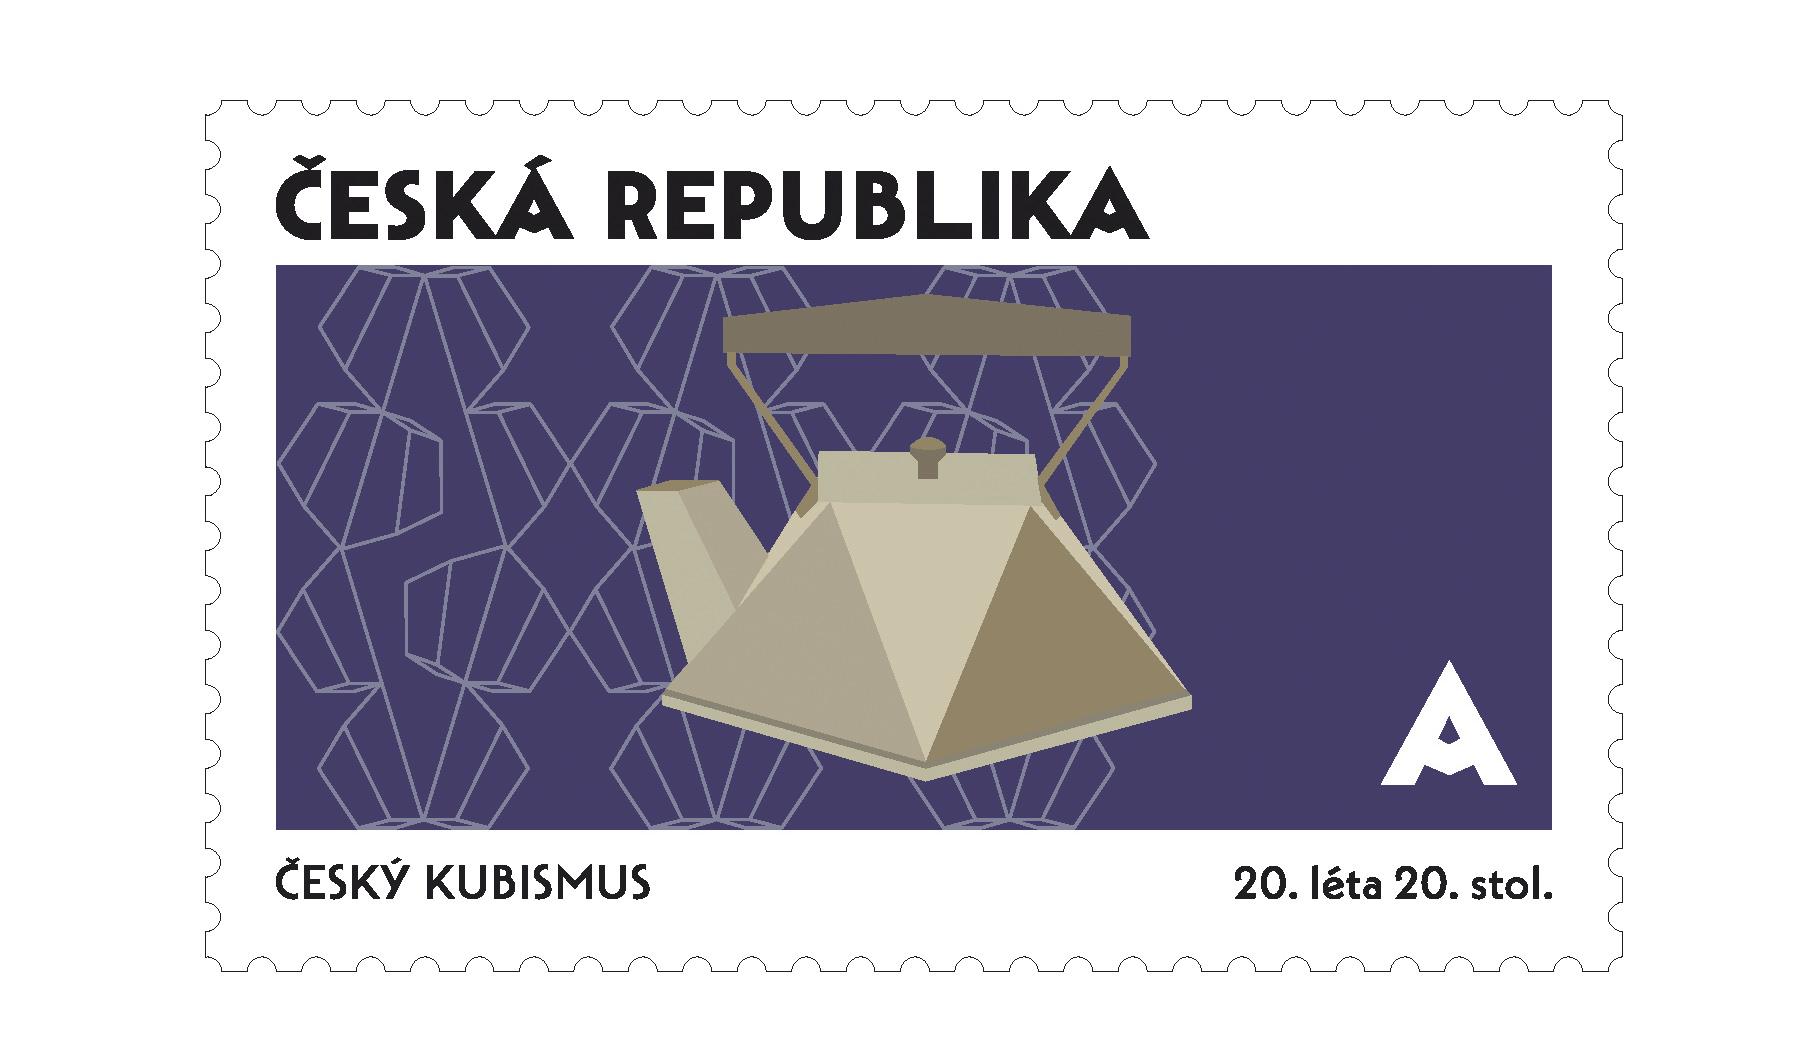 Série poštovních známek, FDC, razítko, přítisk<br> Národní kulturní identita<br> klauzurní práce | 1. ročník<br> G1A 01 2020/2021